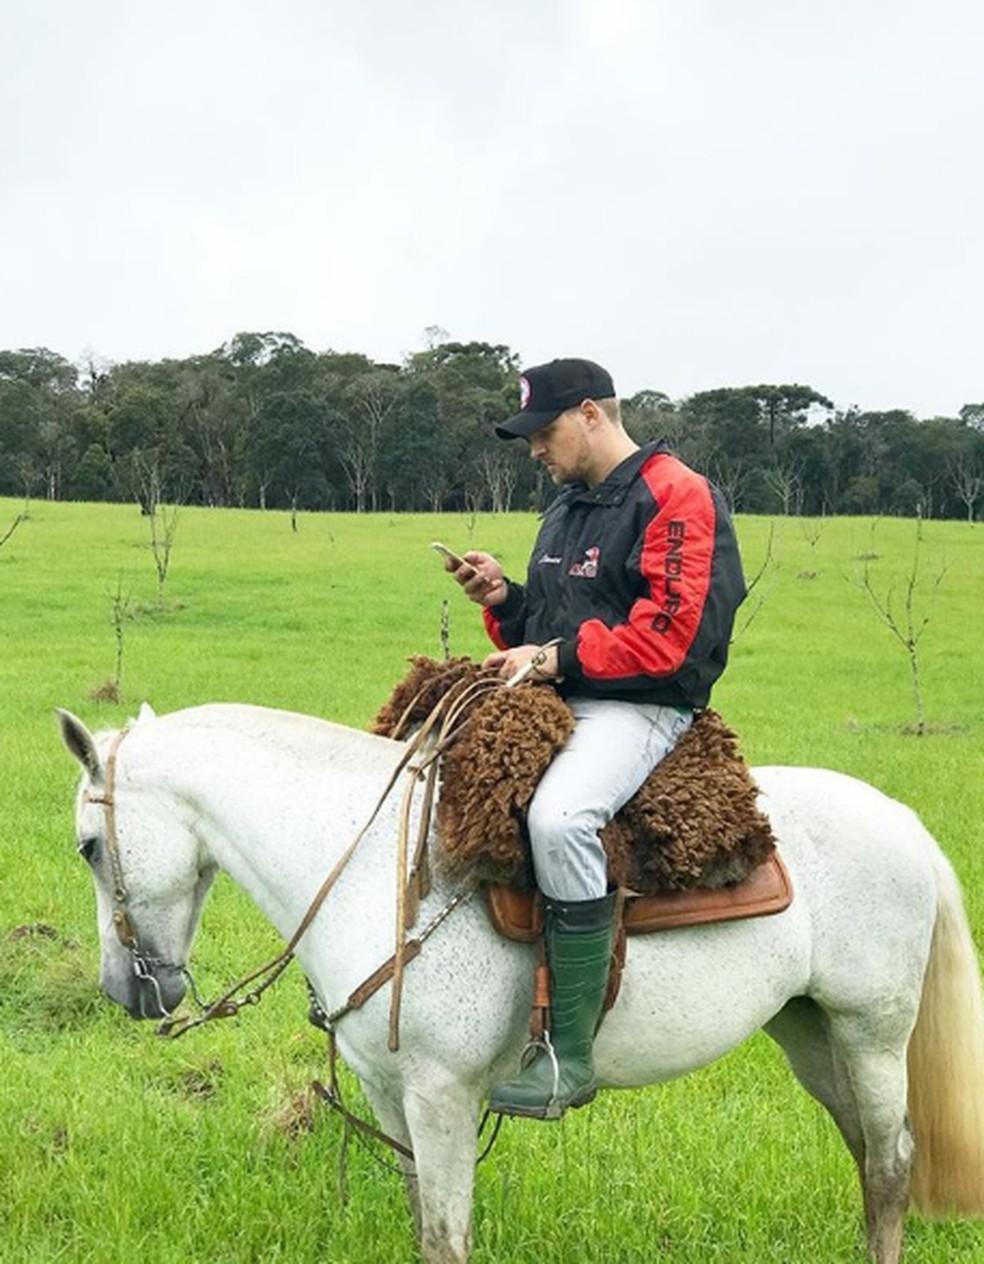 Diego foi campeão brasileiro de laço comprido em cavalo  — Foto: João Mello/Gshow